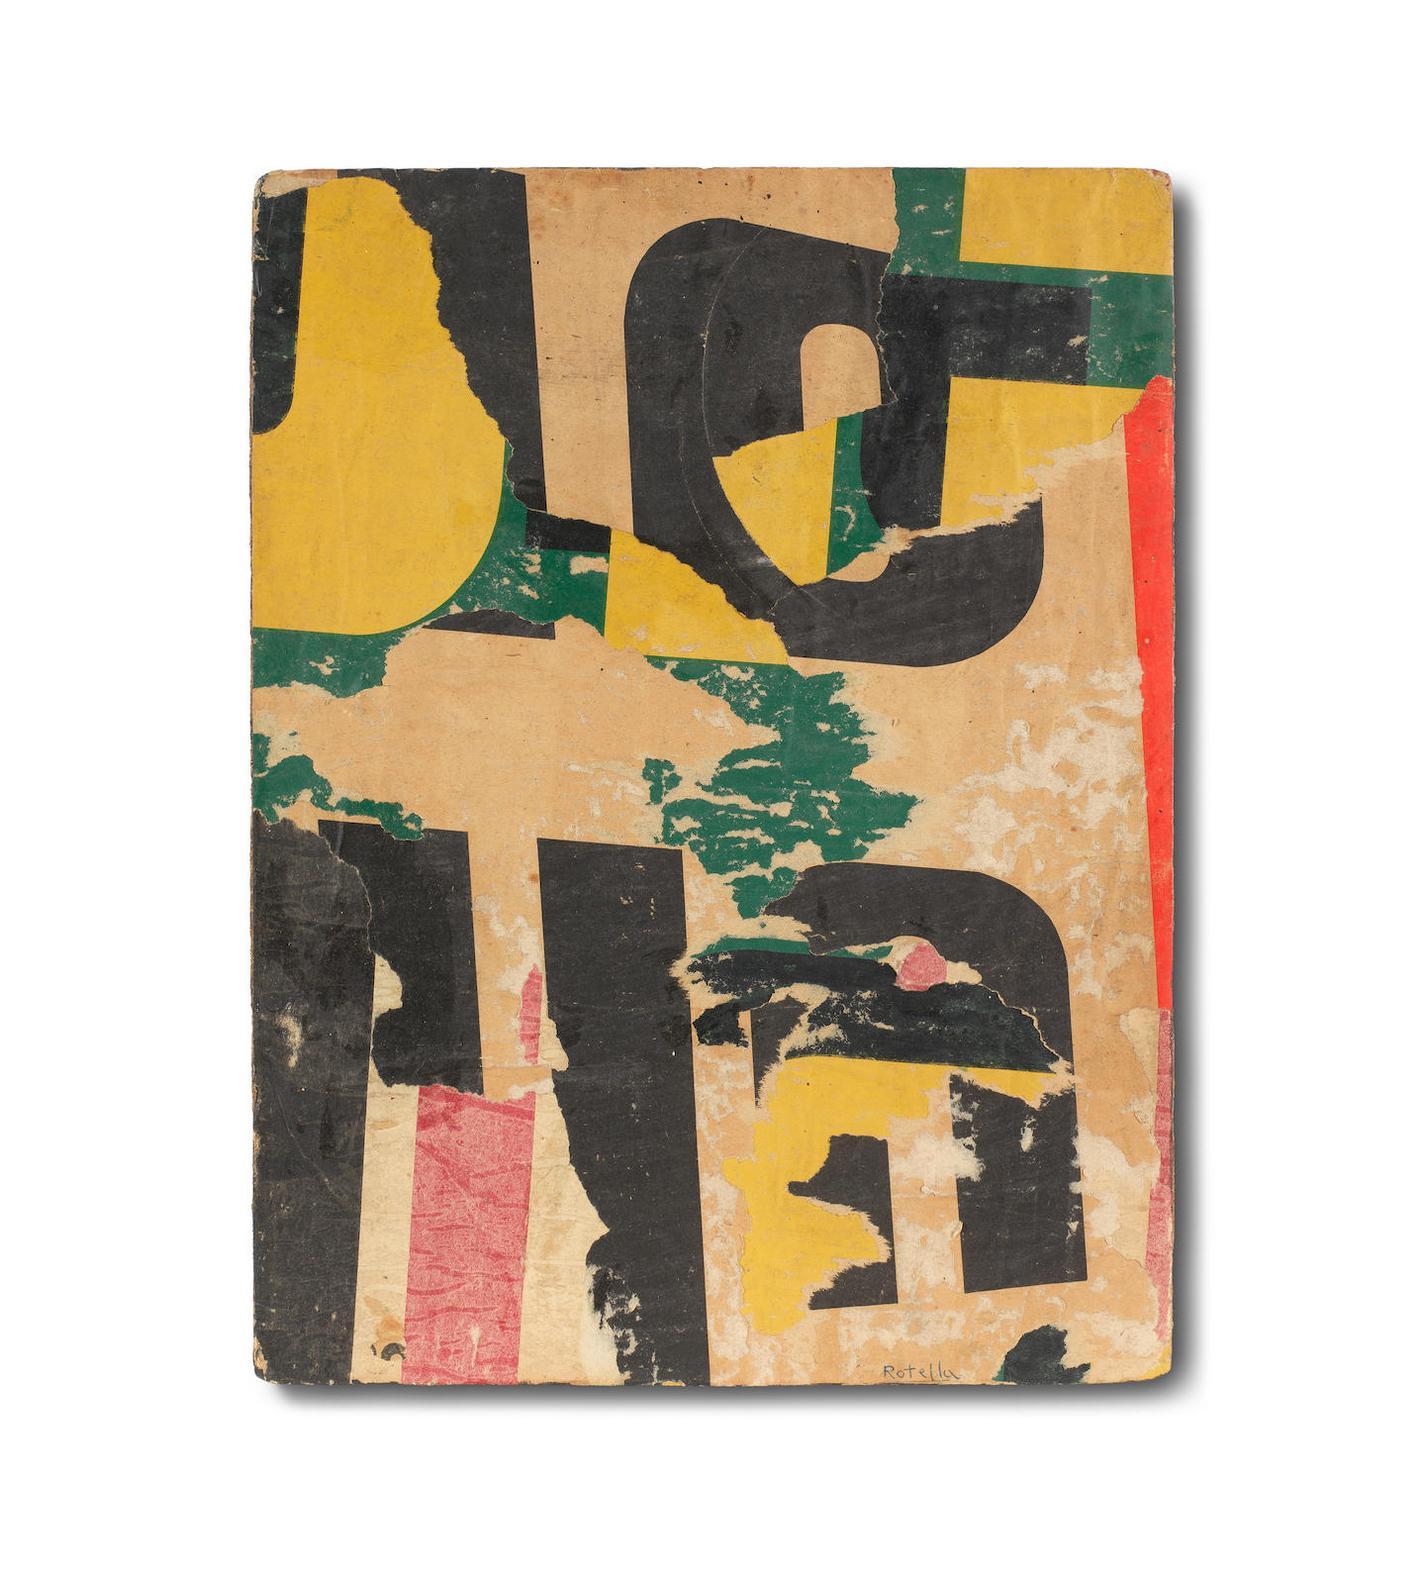 Mimmo Rotella-Lettere-1961